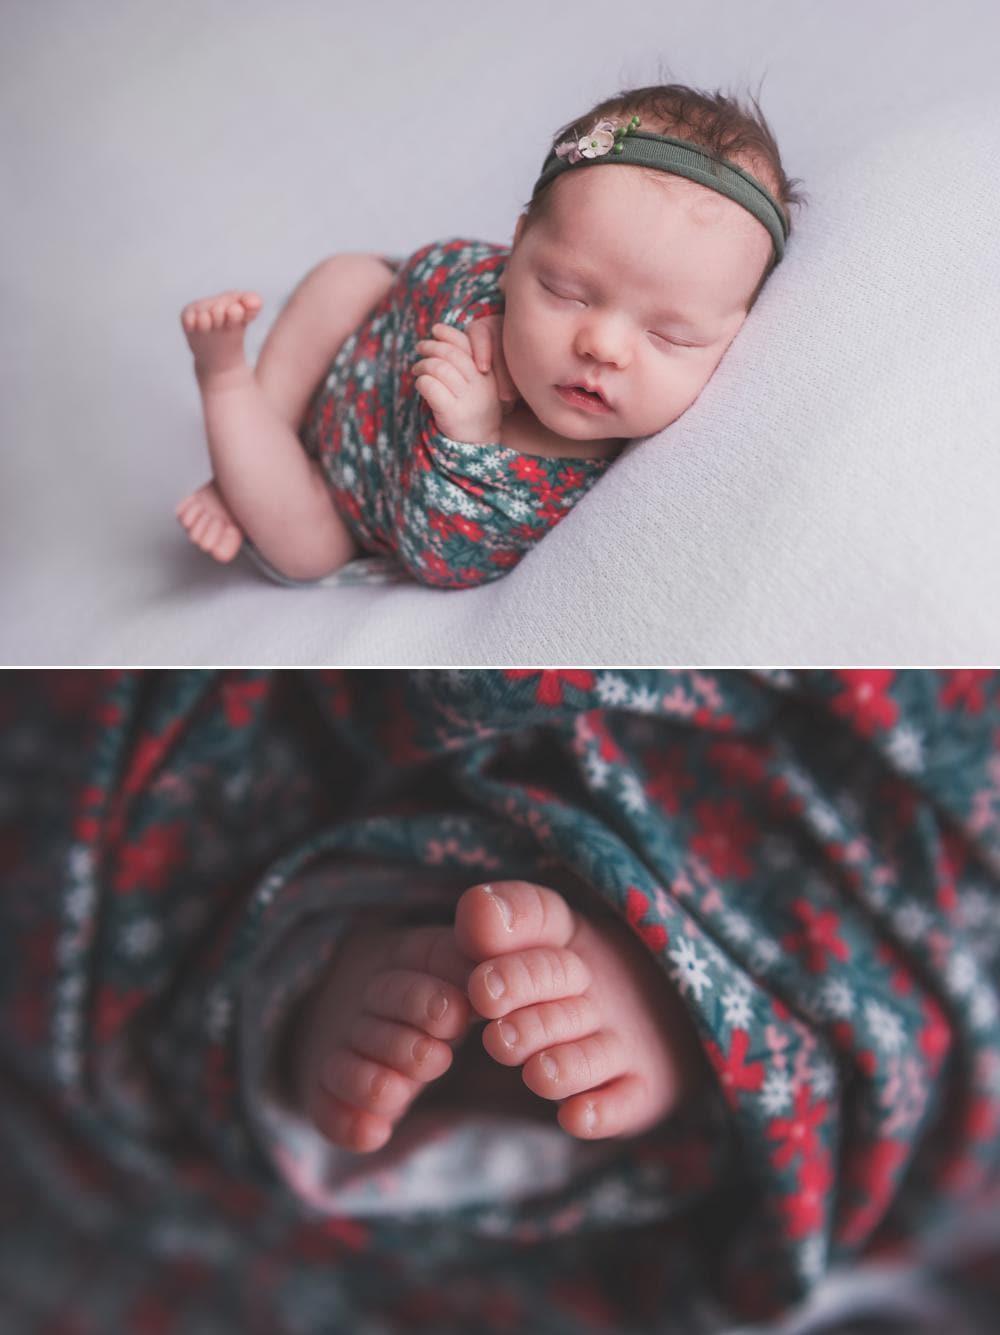 Un bébé emmailloté, c'est aussi très beau !